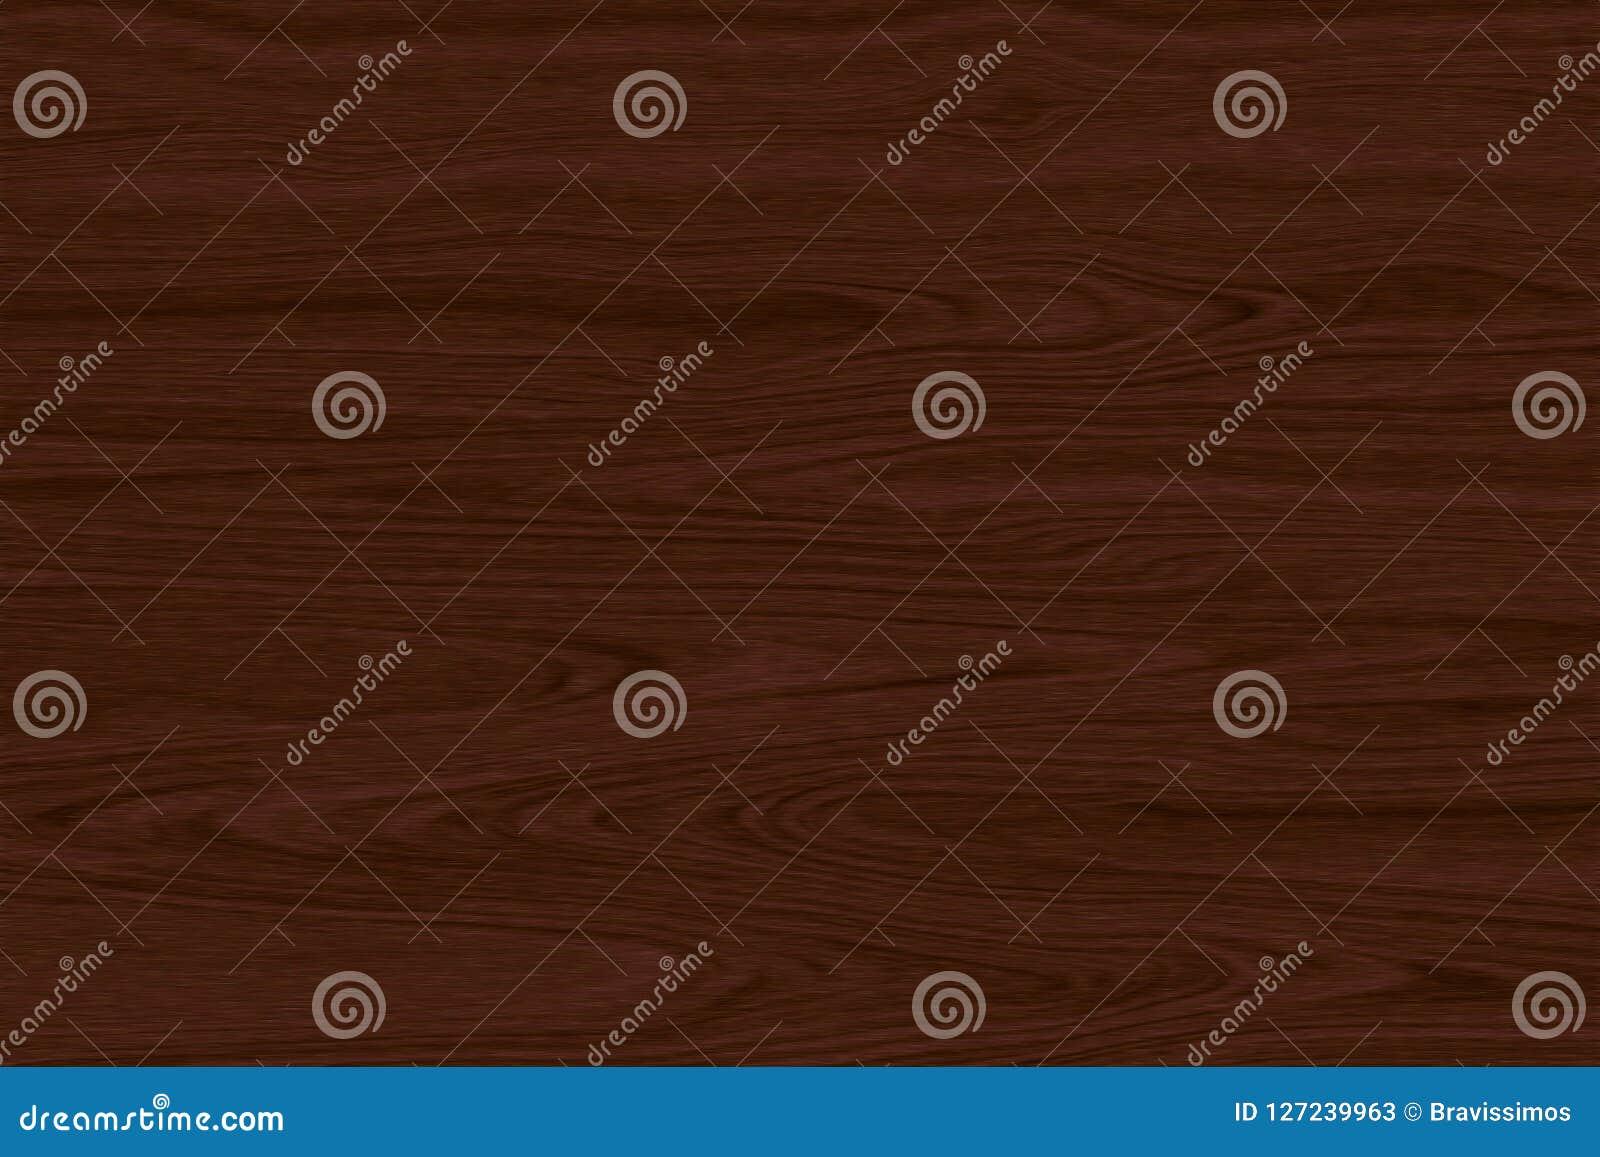 La texture en bois de chêne rouge, paduk, acajou peut employer comme fond Abrégé sur plan rapproché woodgrain